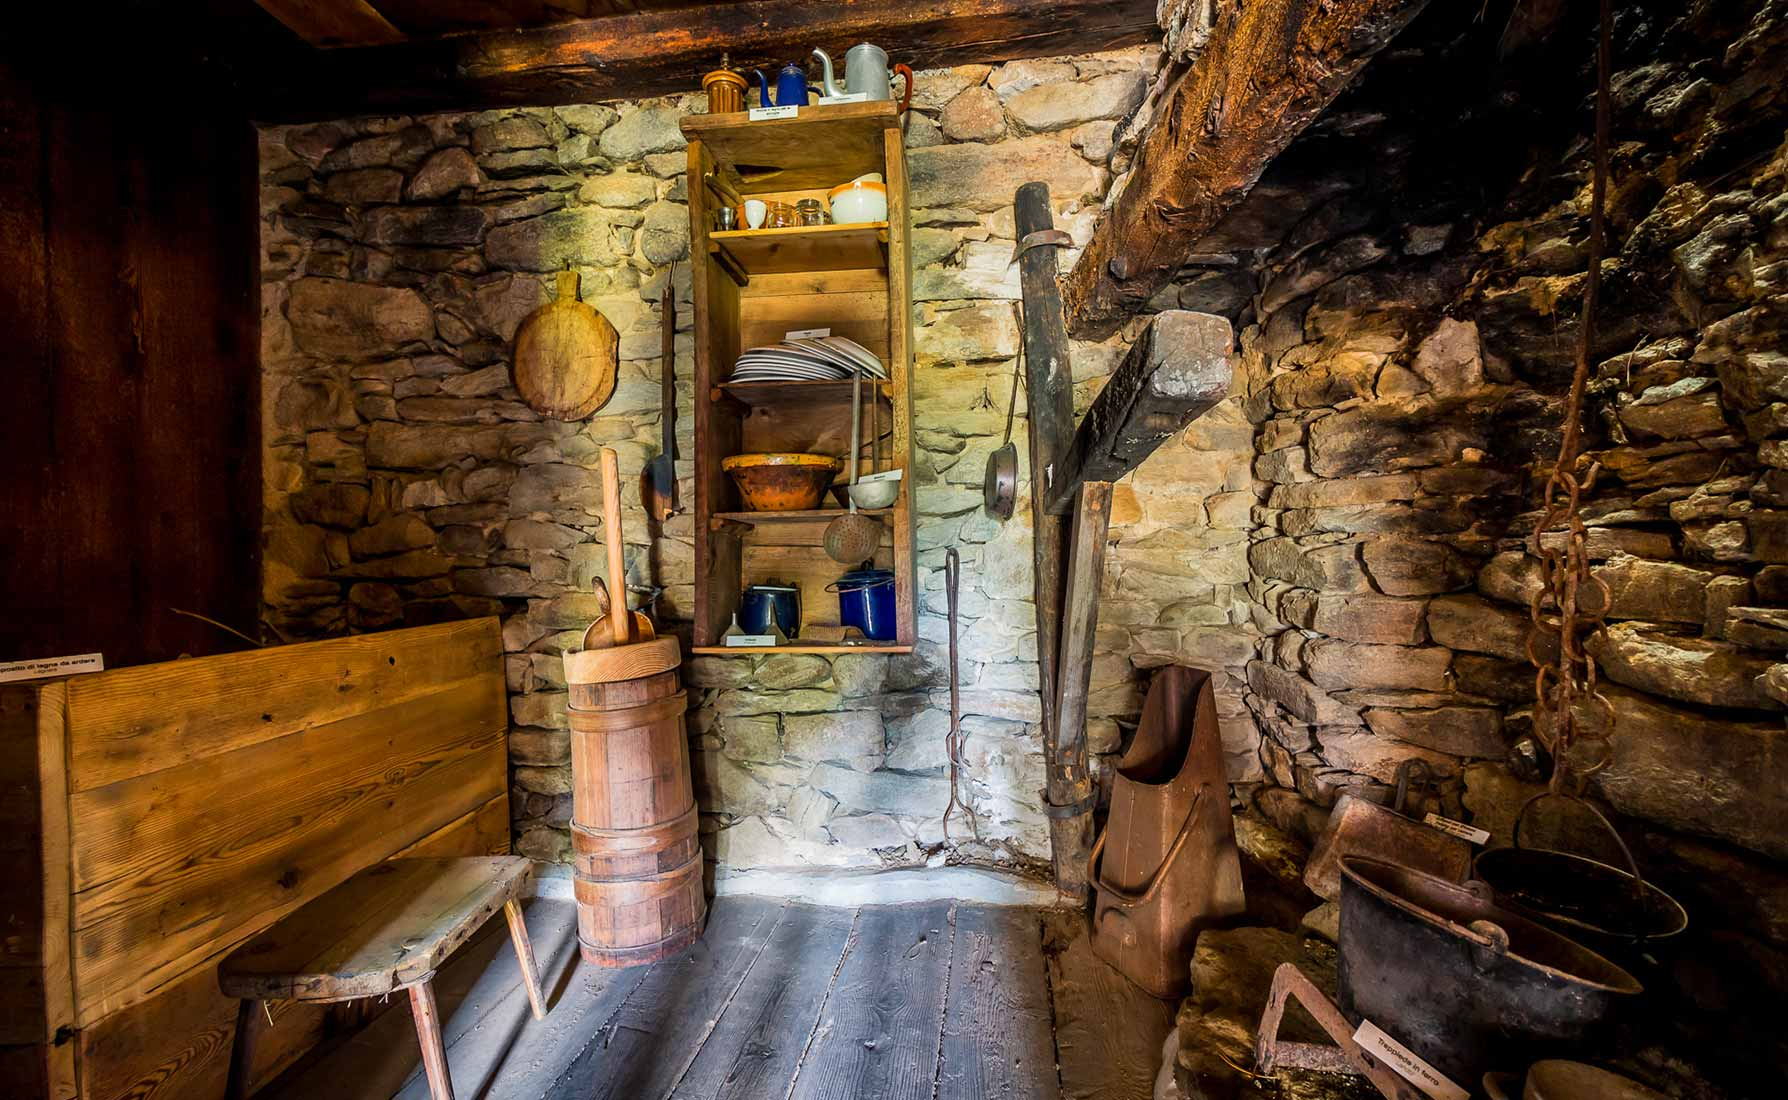 La stanza del camino con le stoviglie, le pentole per cucinare e lavorare il latte